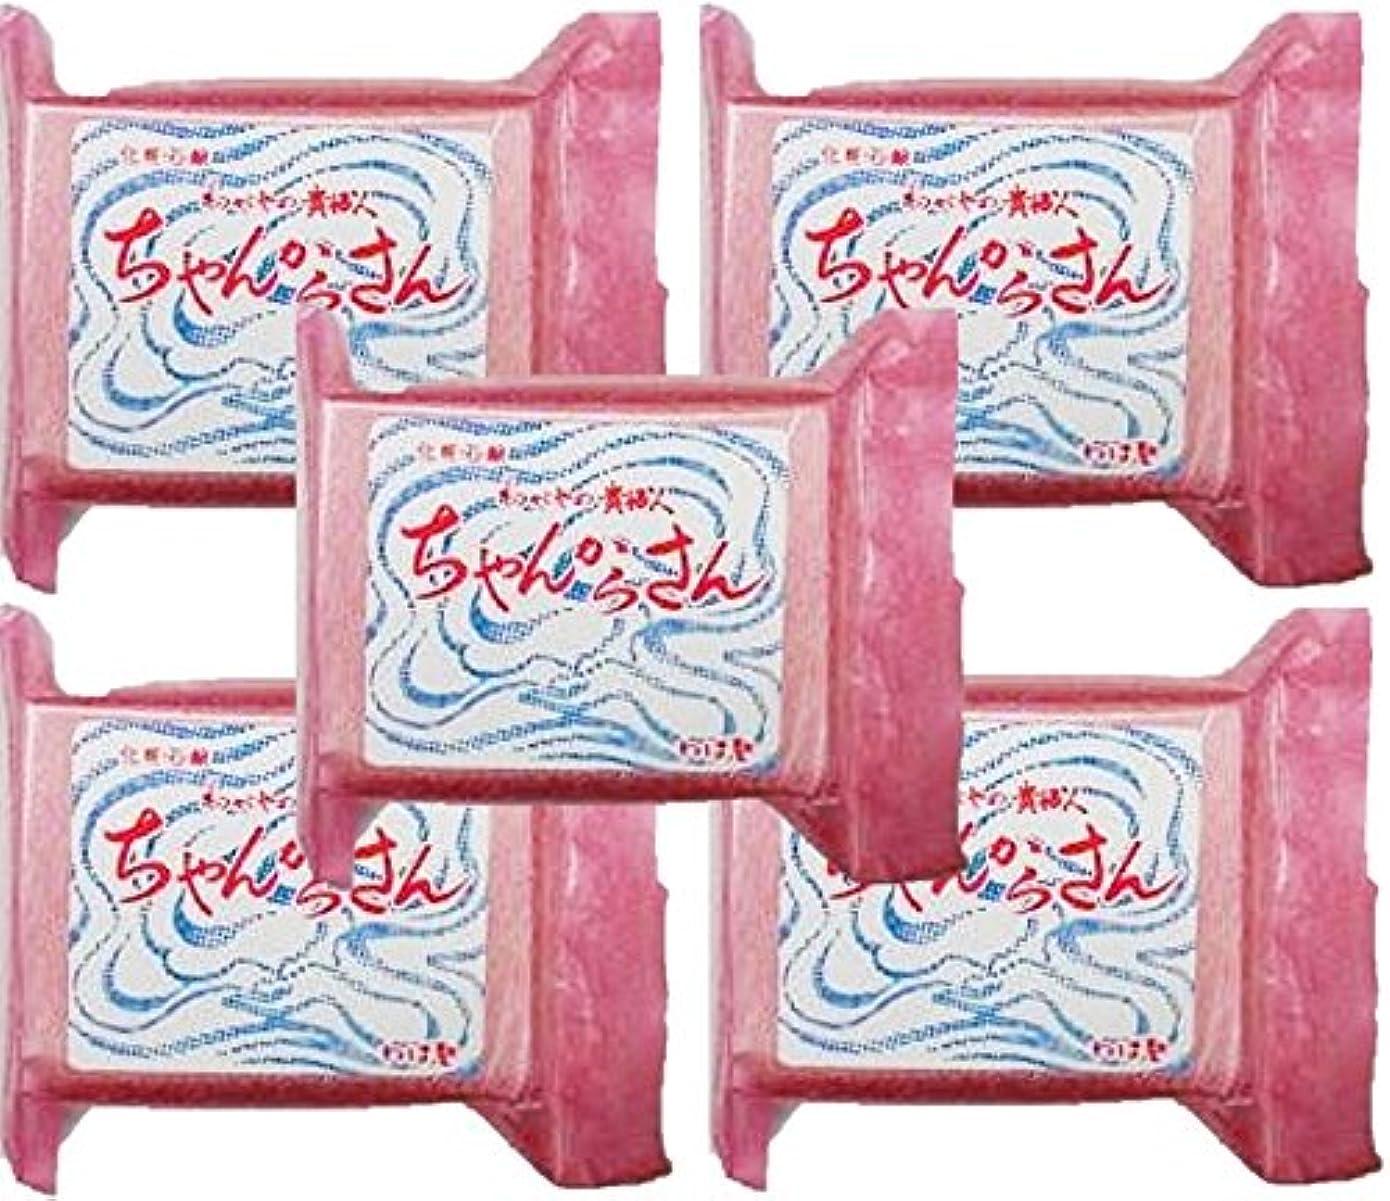 固有のハイランドセッティングねば塾 化粧石鹸 ちゃんからさん95gX5個セット